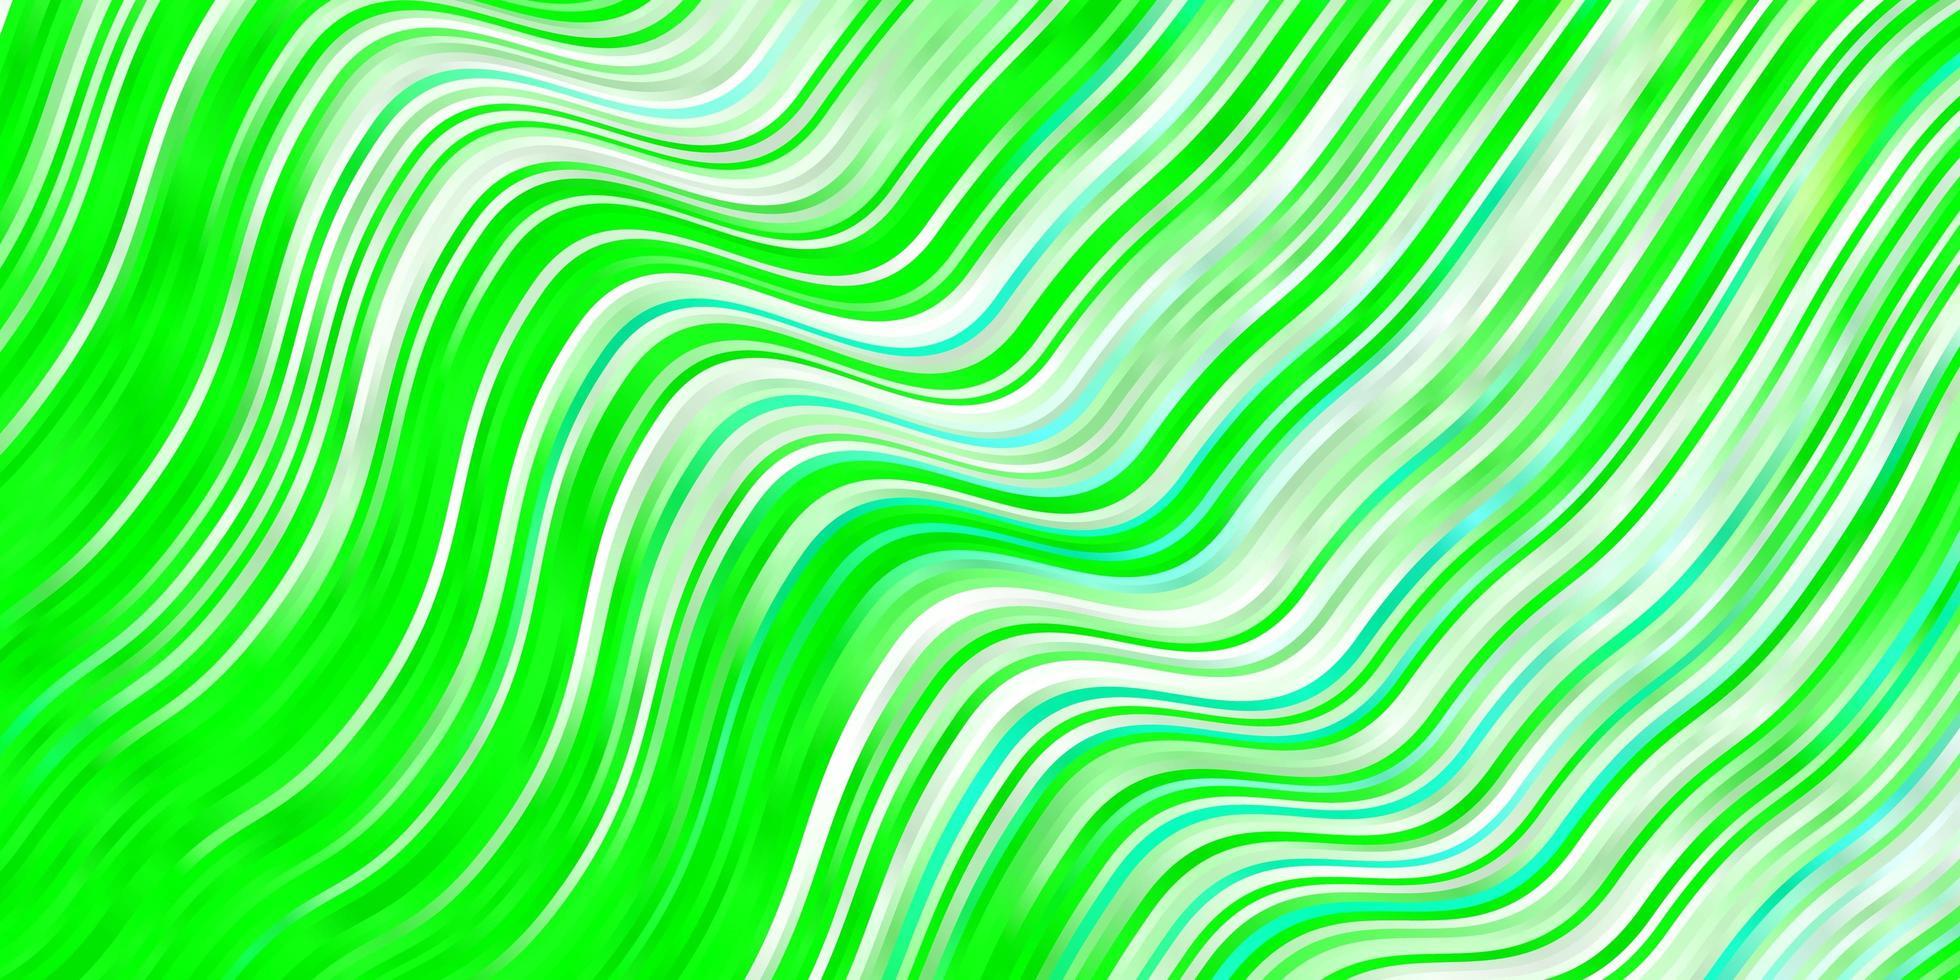 ljusgrön bakgrund med linjer. vektor